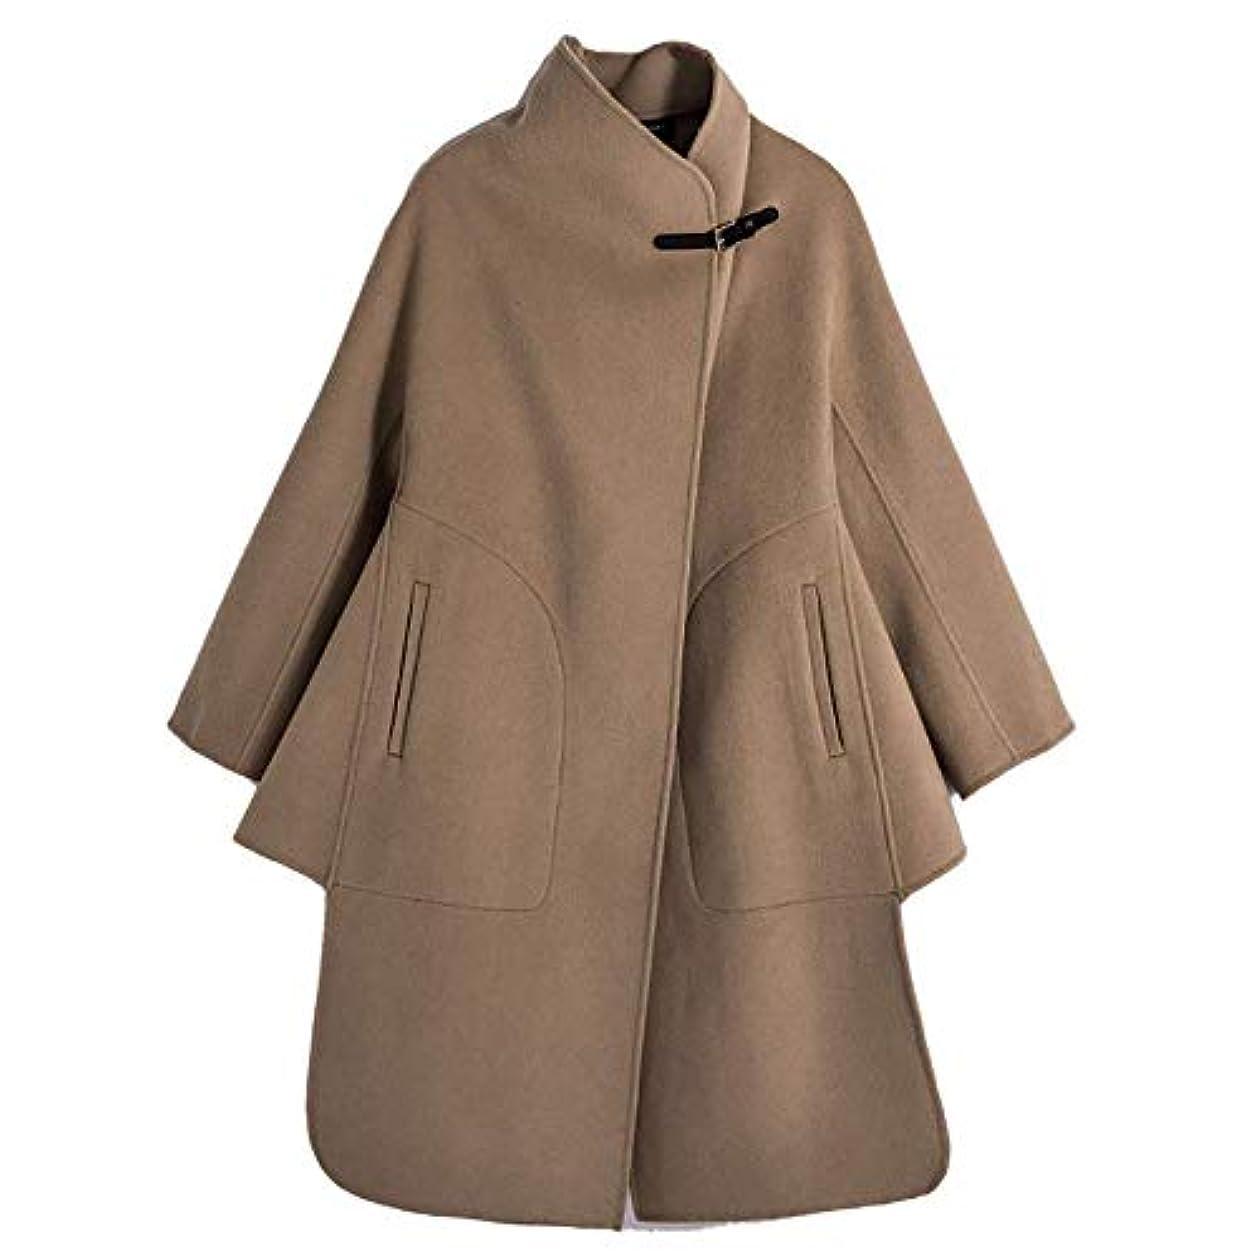 医療の招待映画両面のウールコート、ウールレザーバックル両面ウールコート女性のウールコートレディースジャケットレディース?コートレディースウインドブレーカージャケット,ブラウン,XS